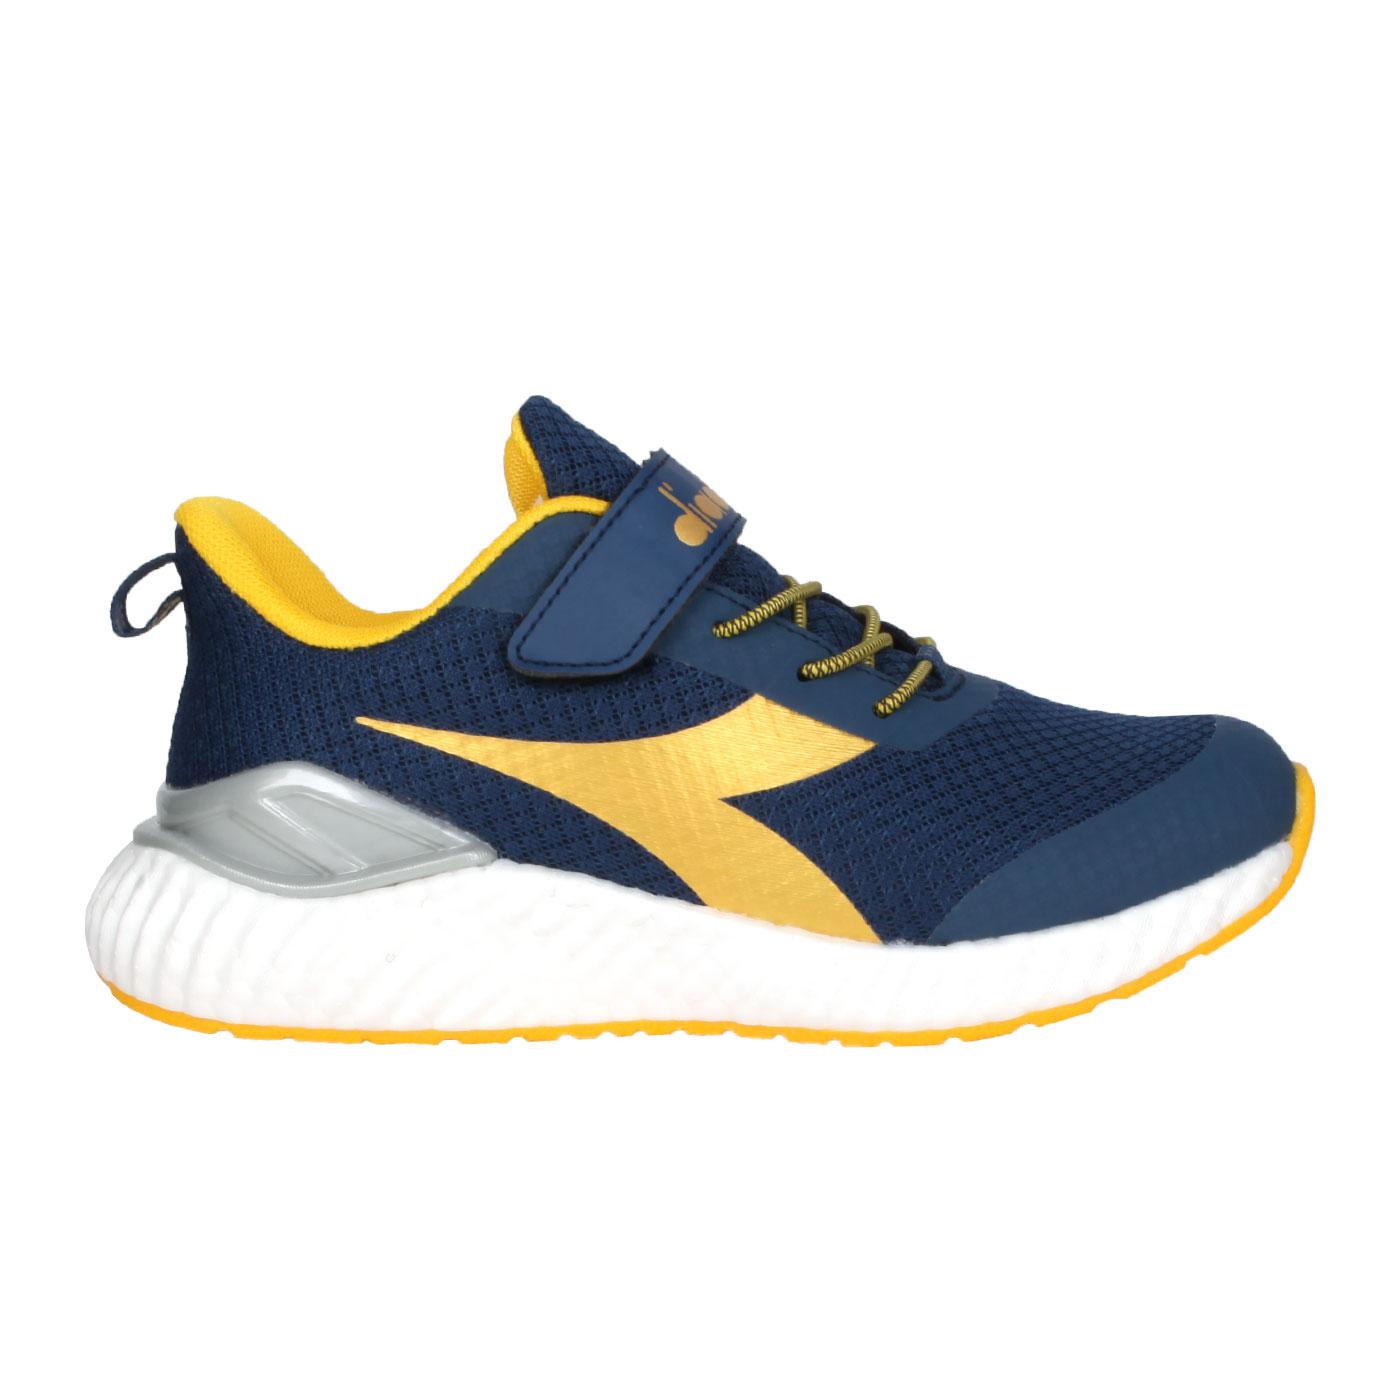 DIADORA 中童慢跑鞋-超寬楦 DA13015 - 丈青金